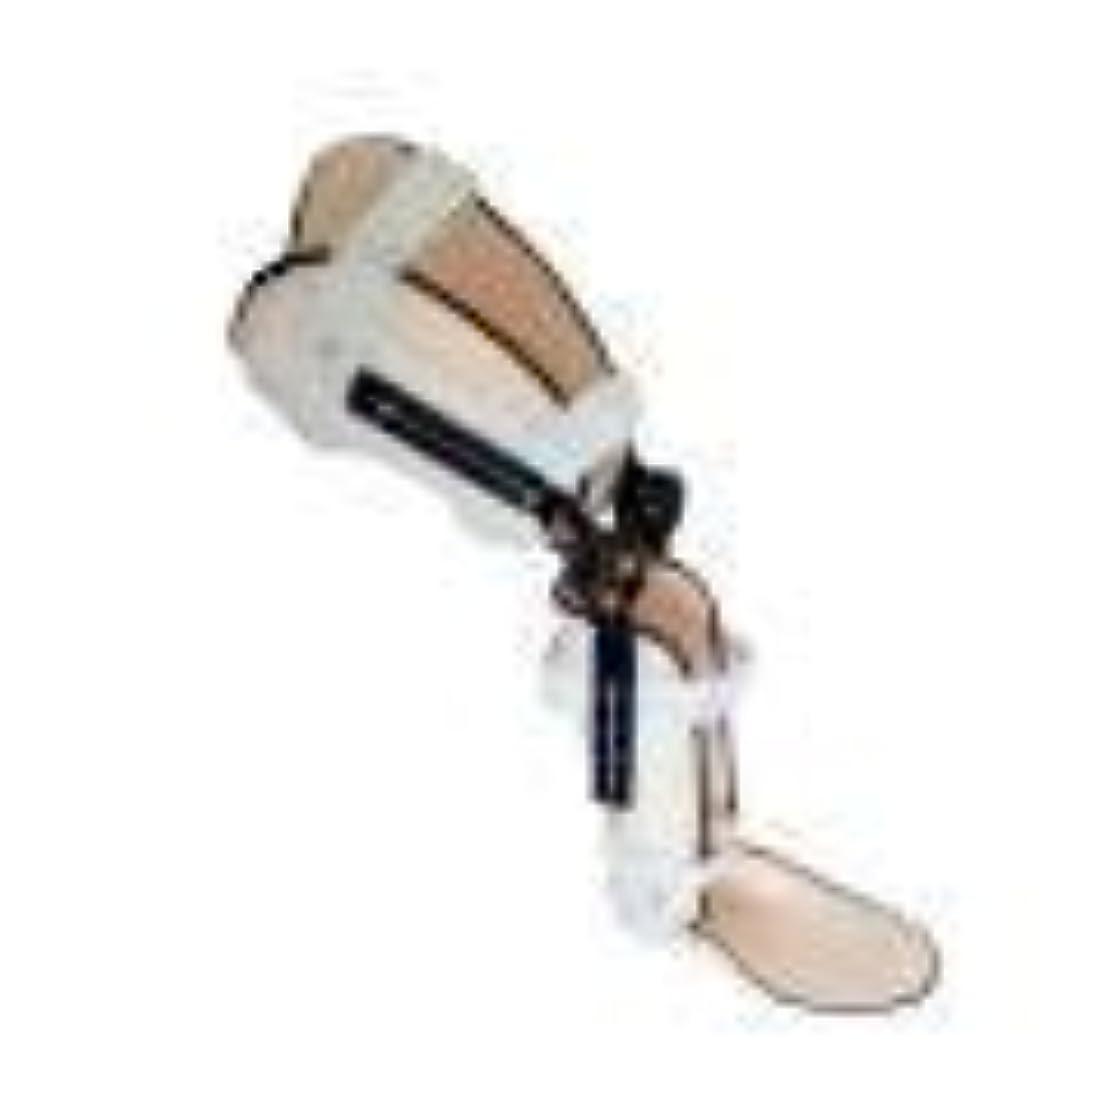 キャプテンブライ軍艦コアヒンジ付き膝装具、ポストOP膝蓋装具サポートスタビライザーパッド装具スプリントラップ医療用整形外科用ガードプロテクター (Color : As Picture, Size : Left Foot)